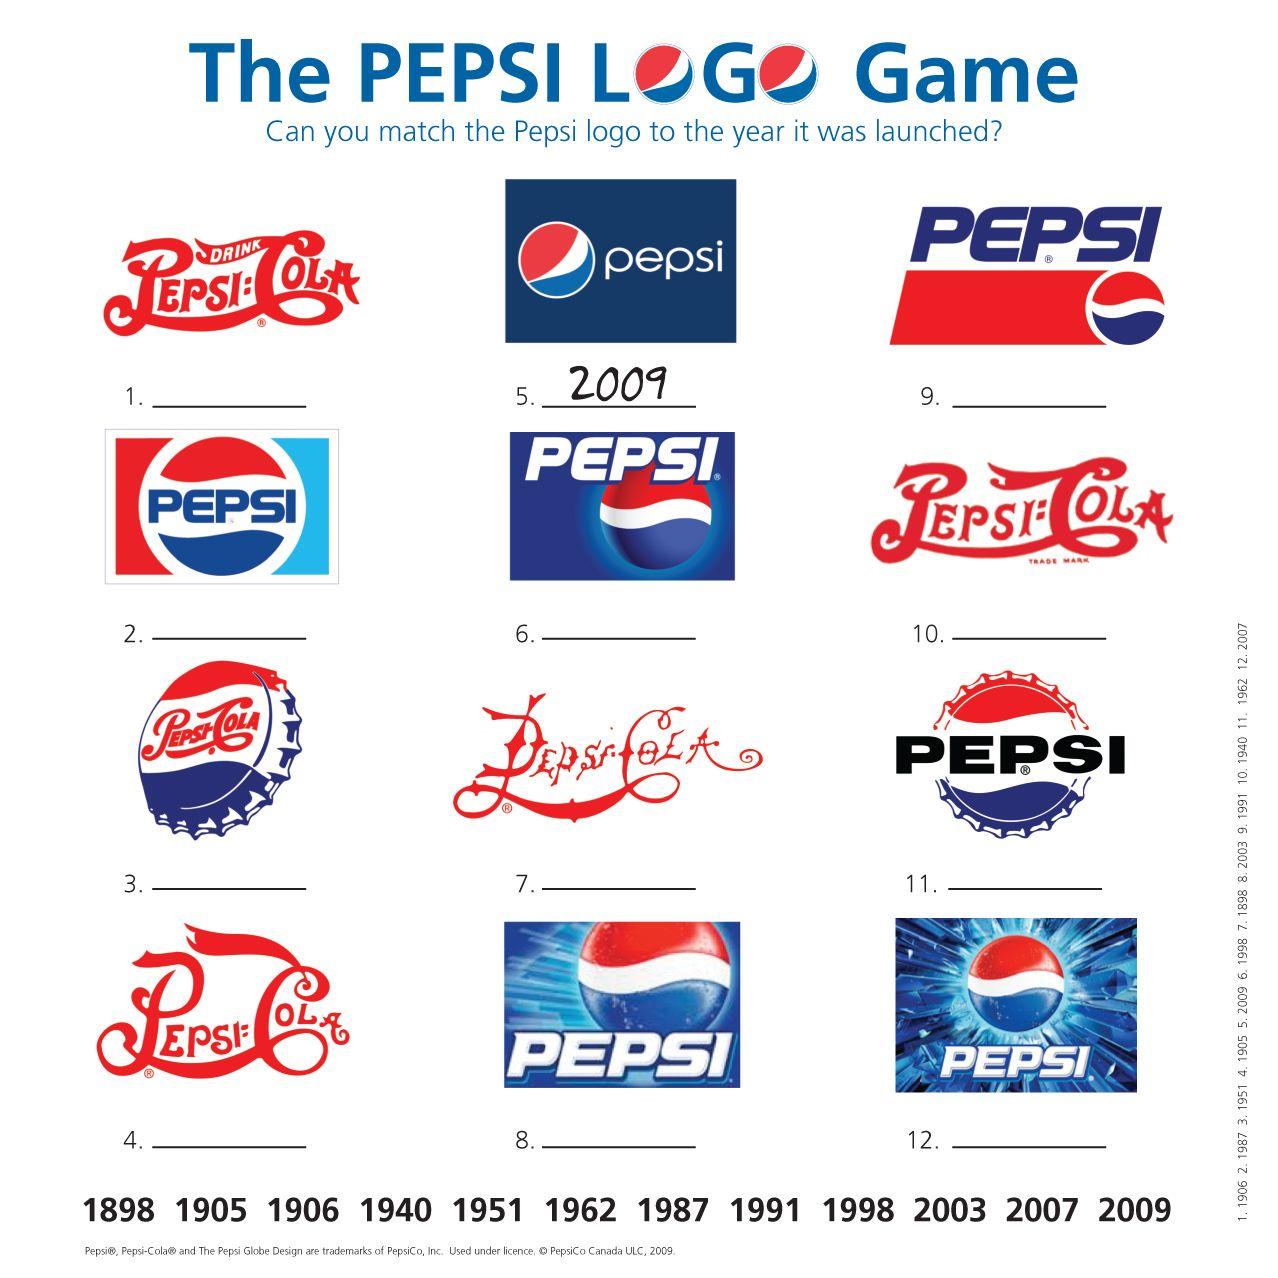 The pepsi logo game pepsicoca cola fanta pinterest the pepsi logo game buycottarizona